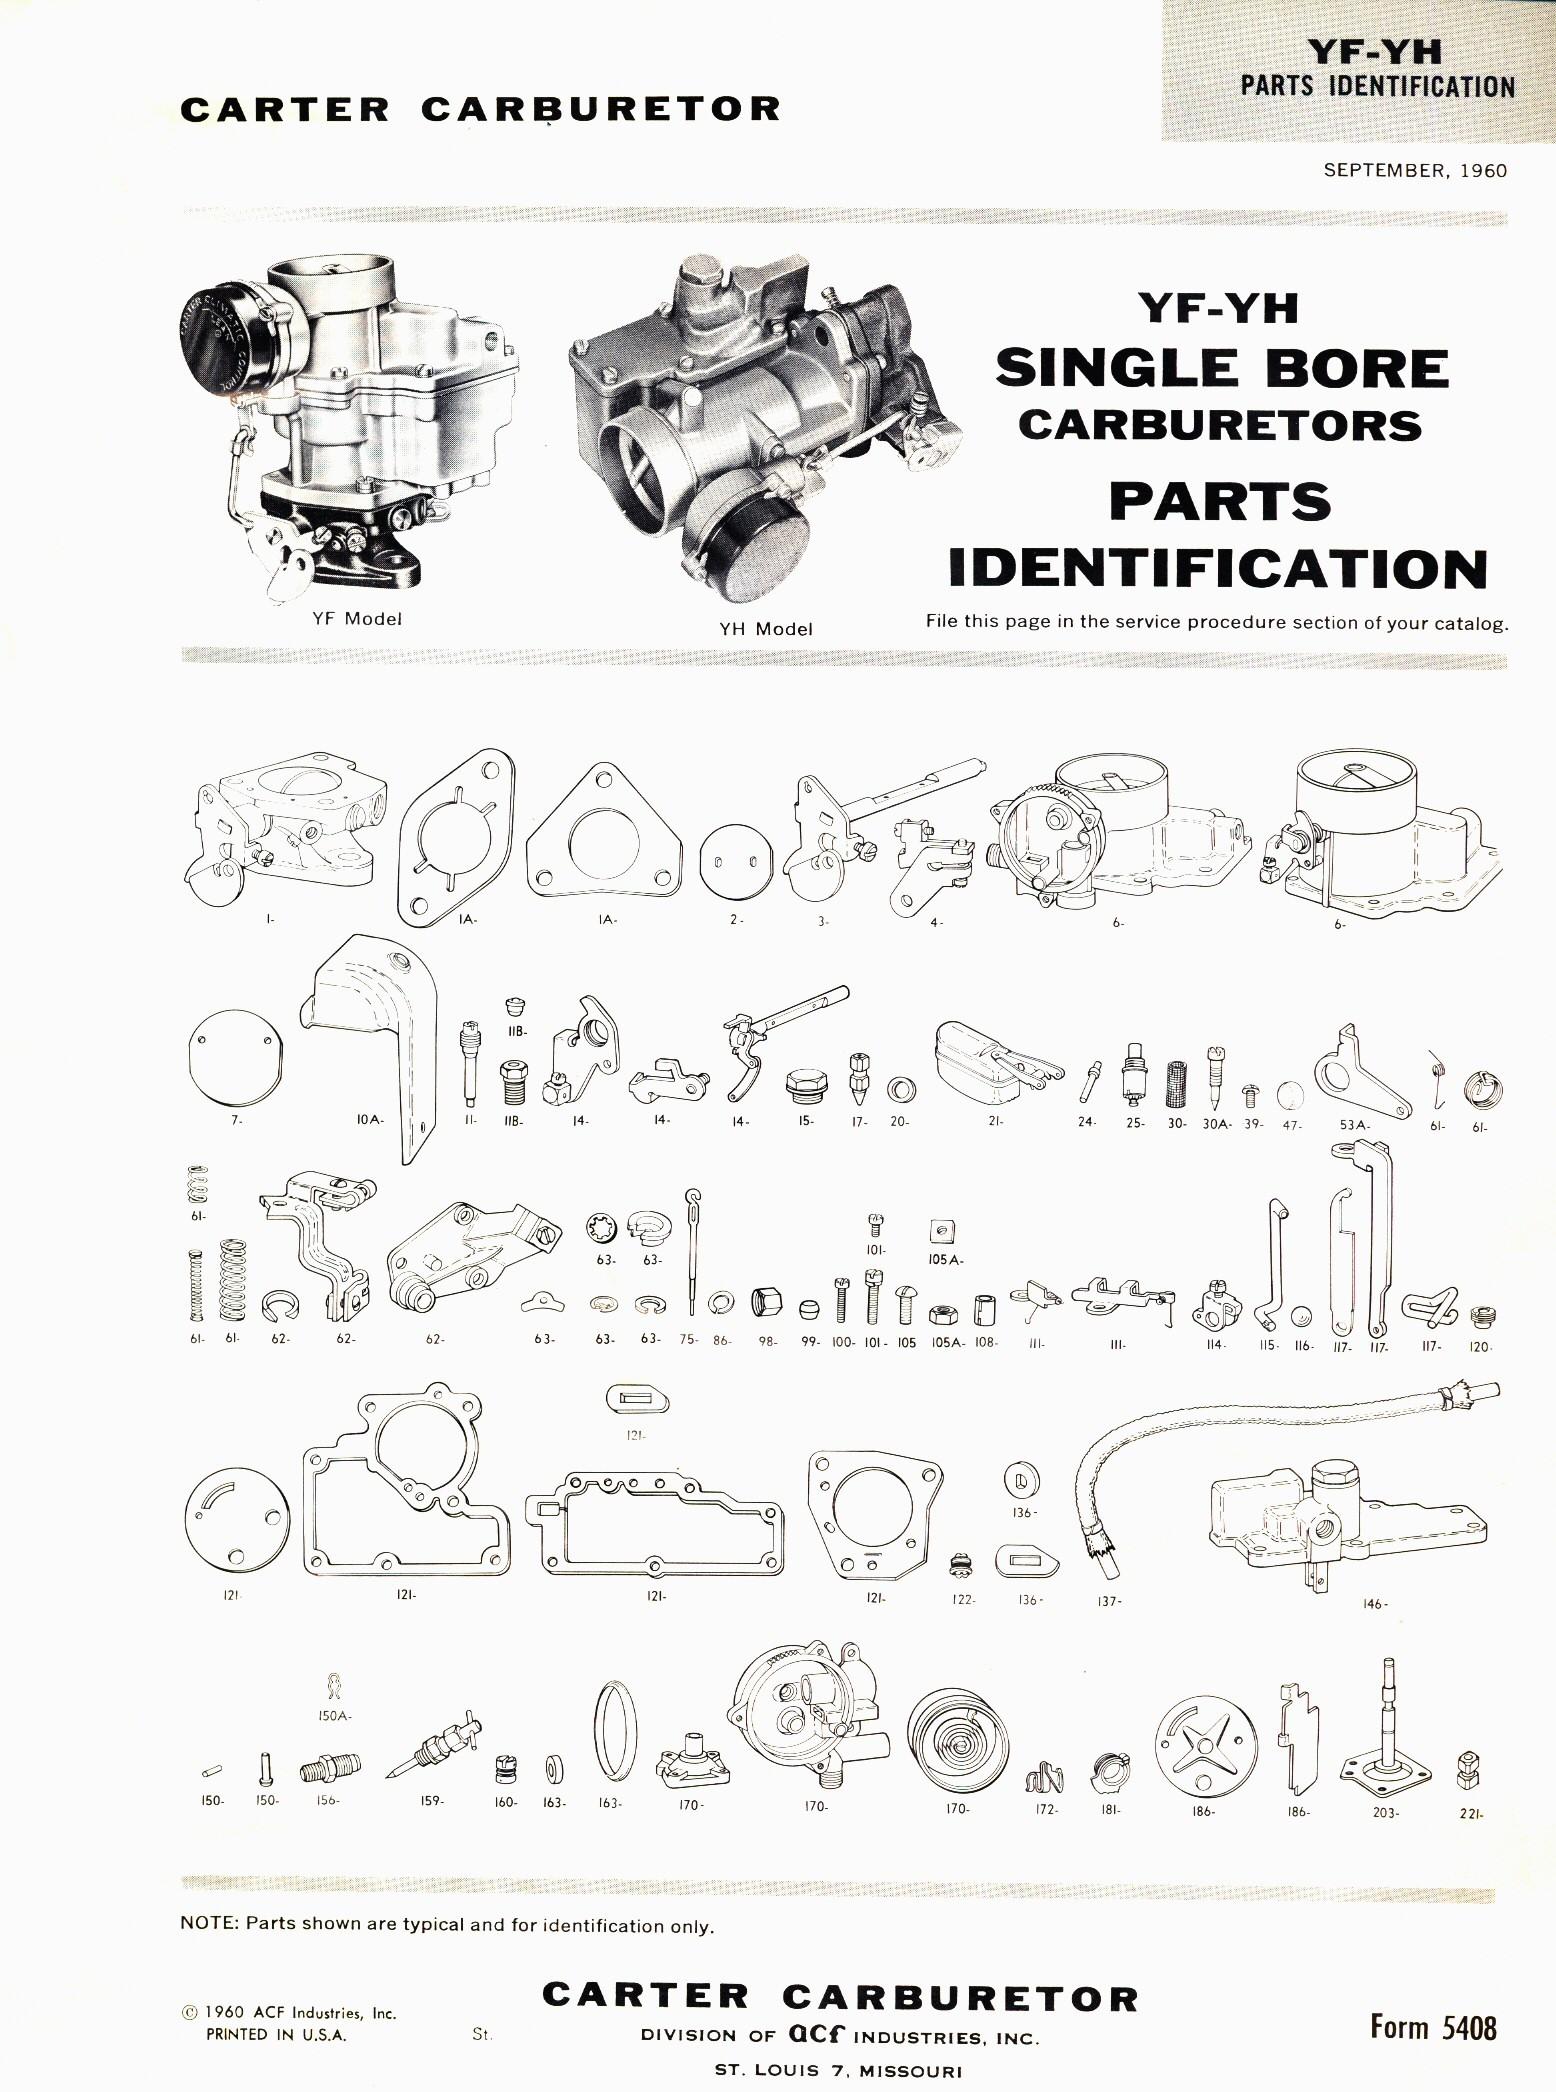 Honda Small Engine Carburetor Diagram Carter Y Yf Yfa Yh Ys the Carburetor Doctor Of Honda Small Engine Carburetor Diagram